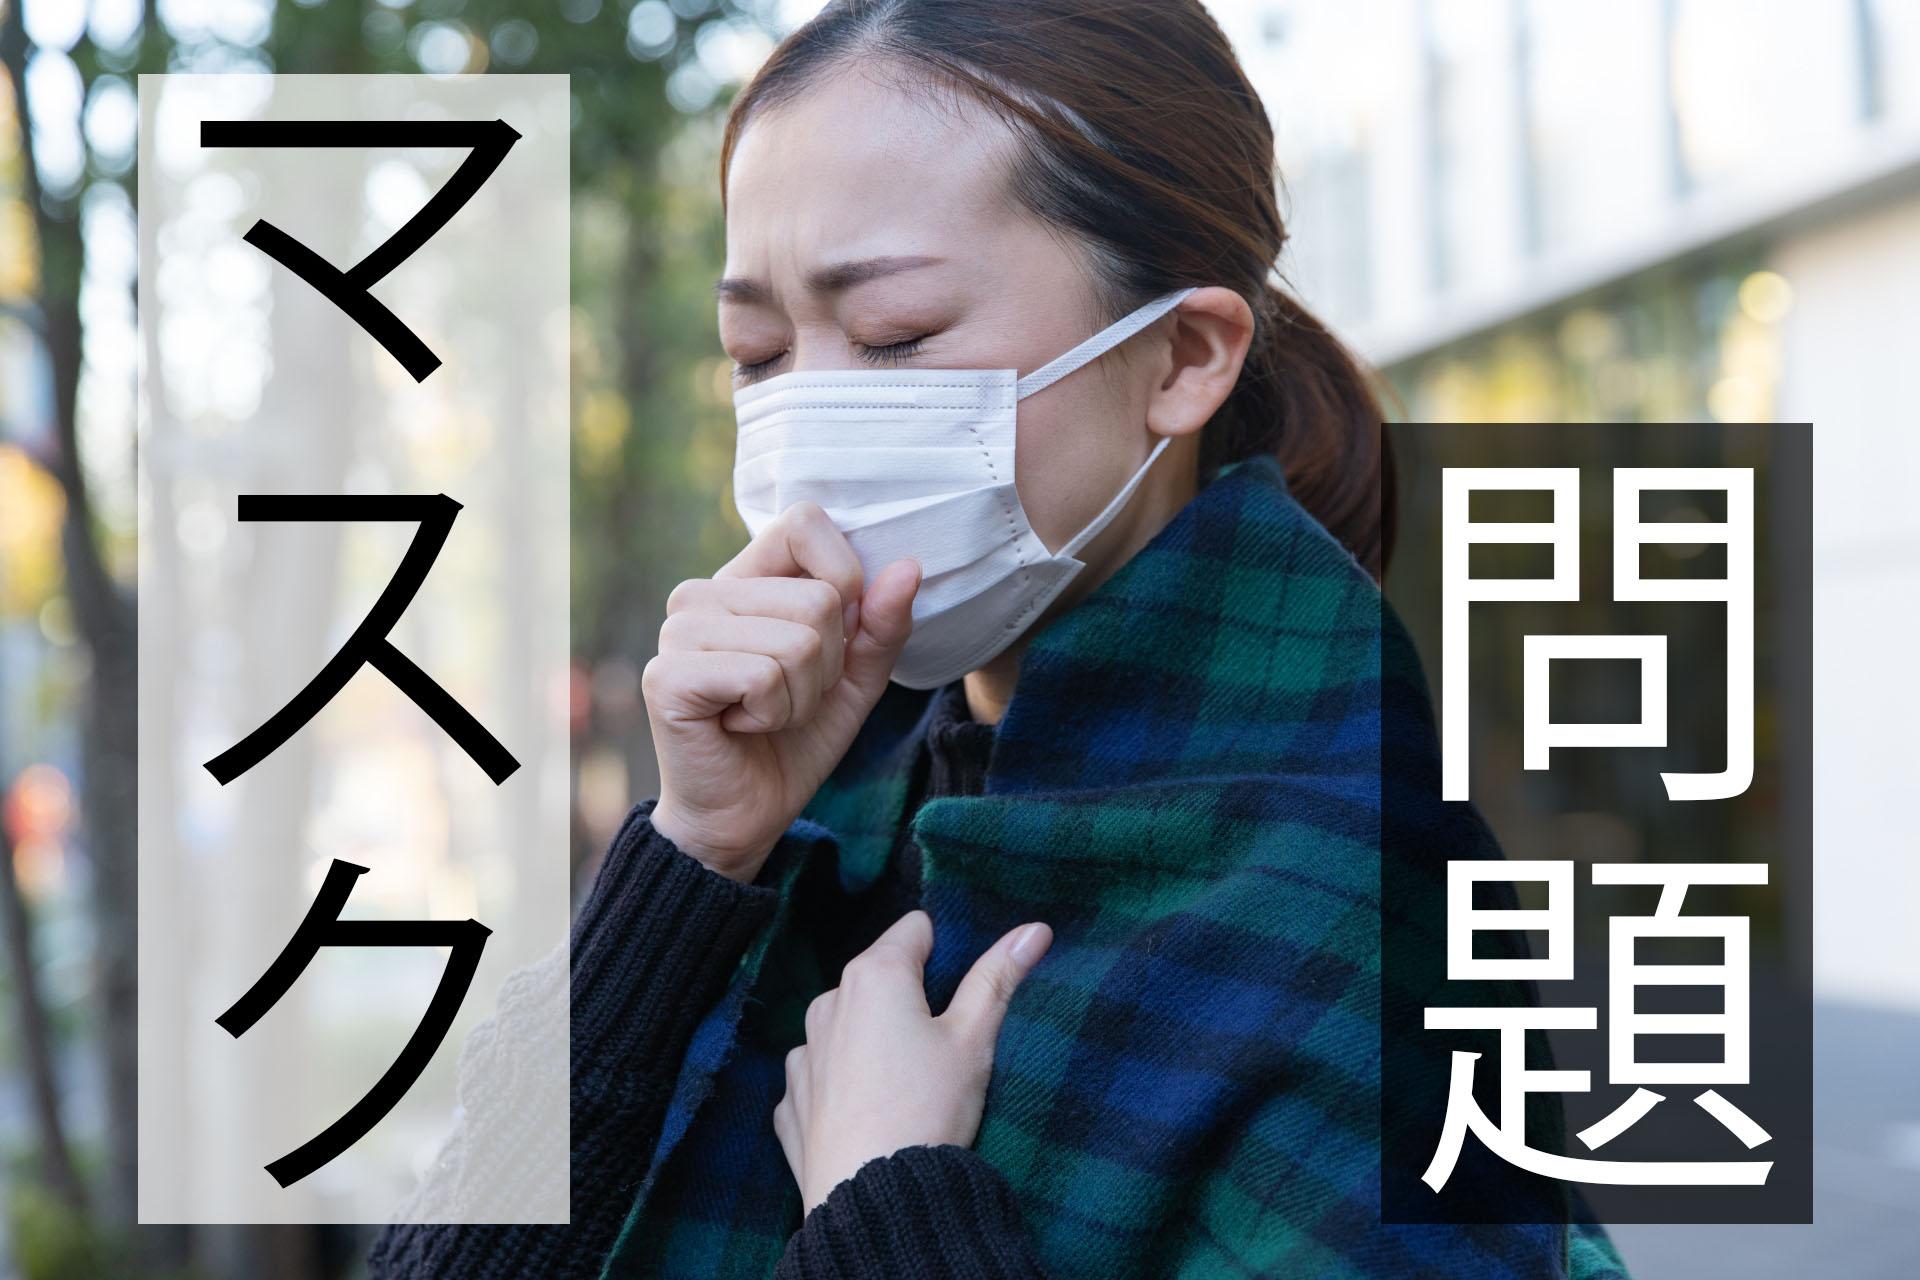 アイリスオーヤマ公式サイトのマスク販売について。